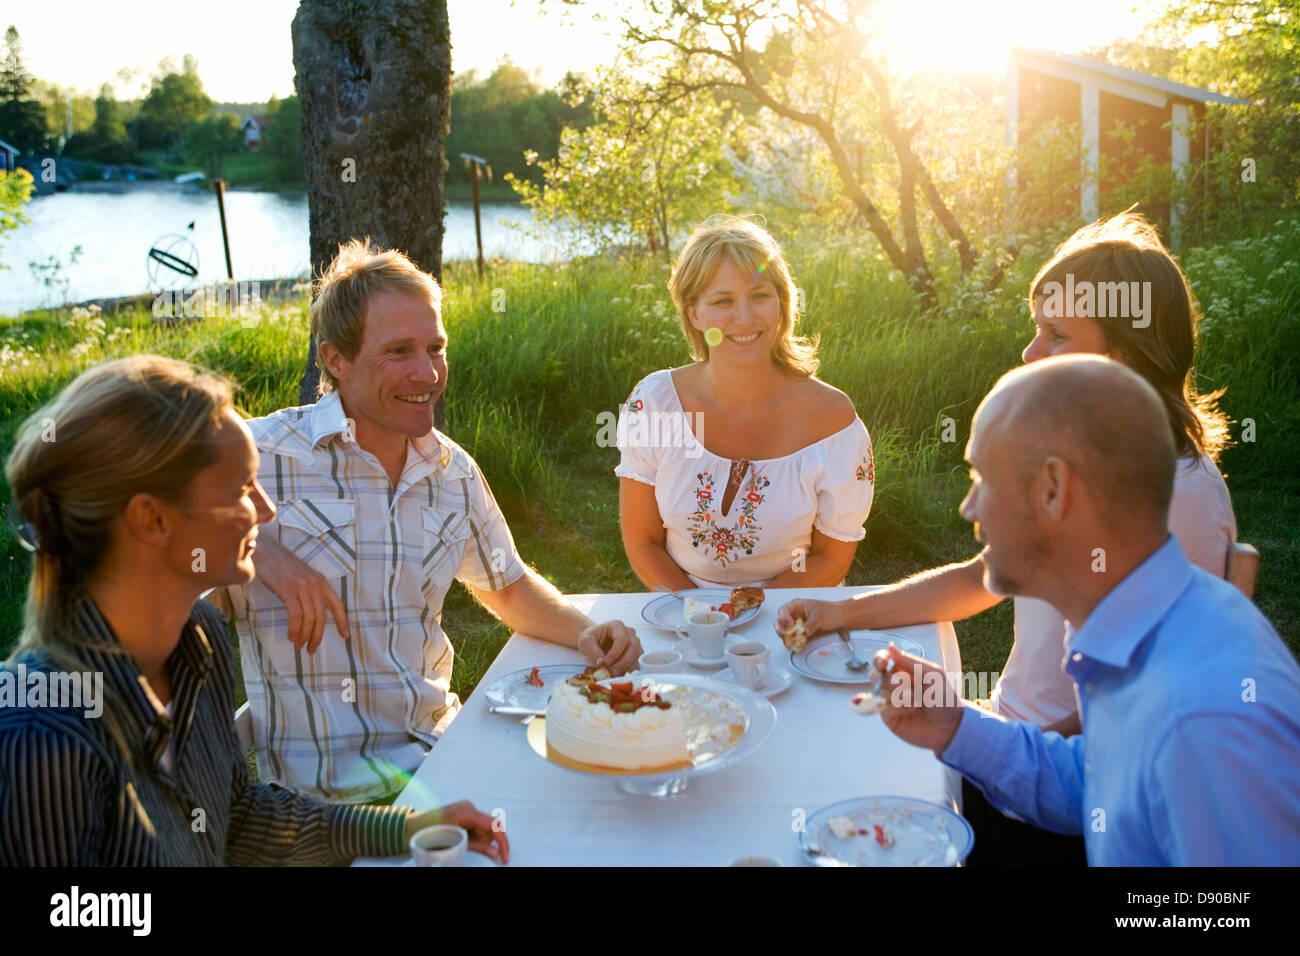 Cinco amigos haveing una torta, Fejan, archipiélago de Estocolmo, Suecia. Foto de stock